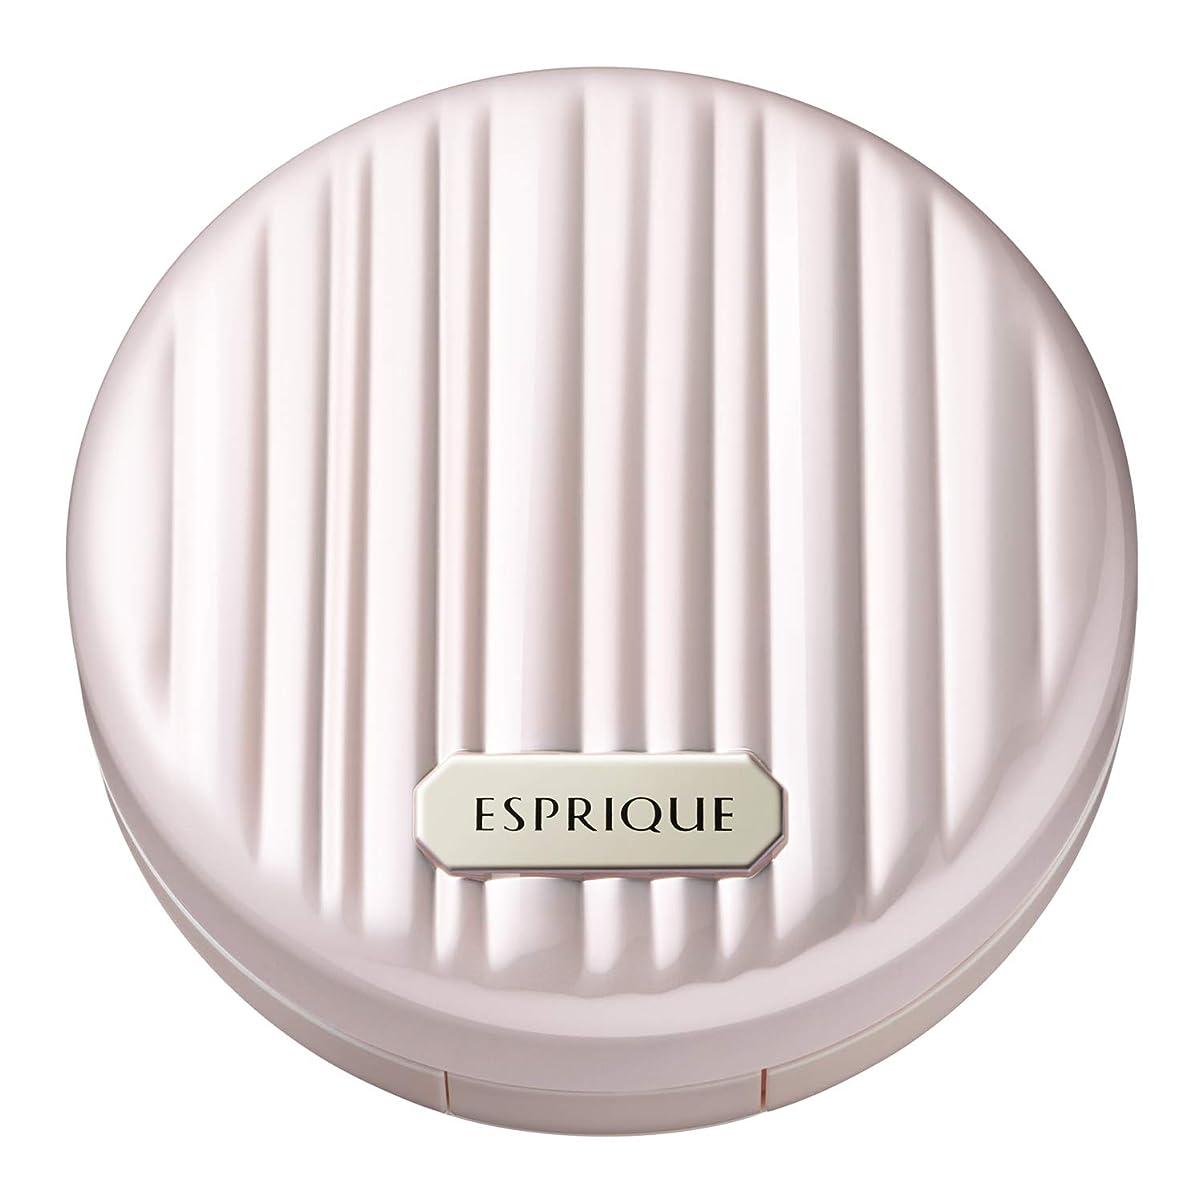 次蚊状態エスプリーク リキッドコンパクト用 ケース 1個